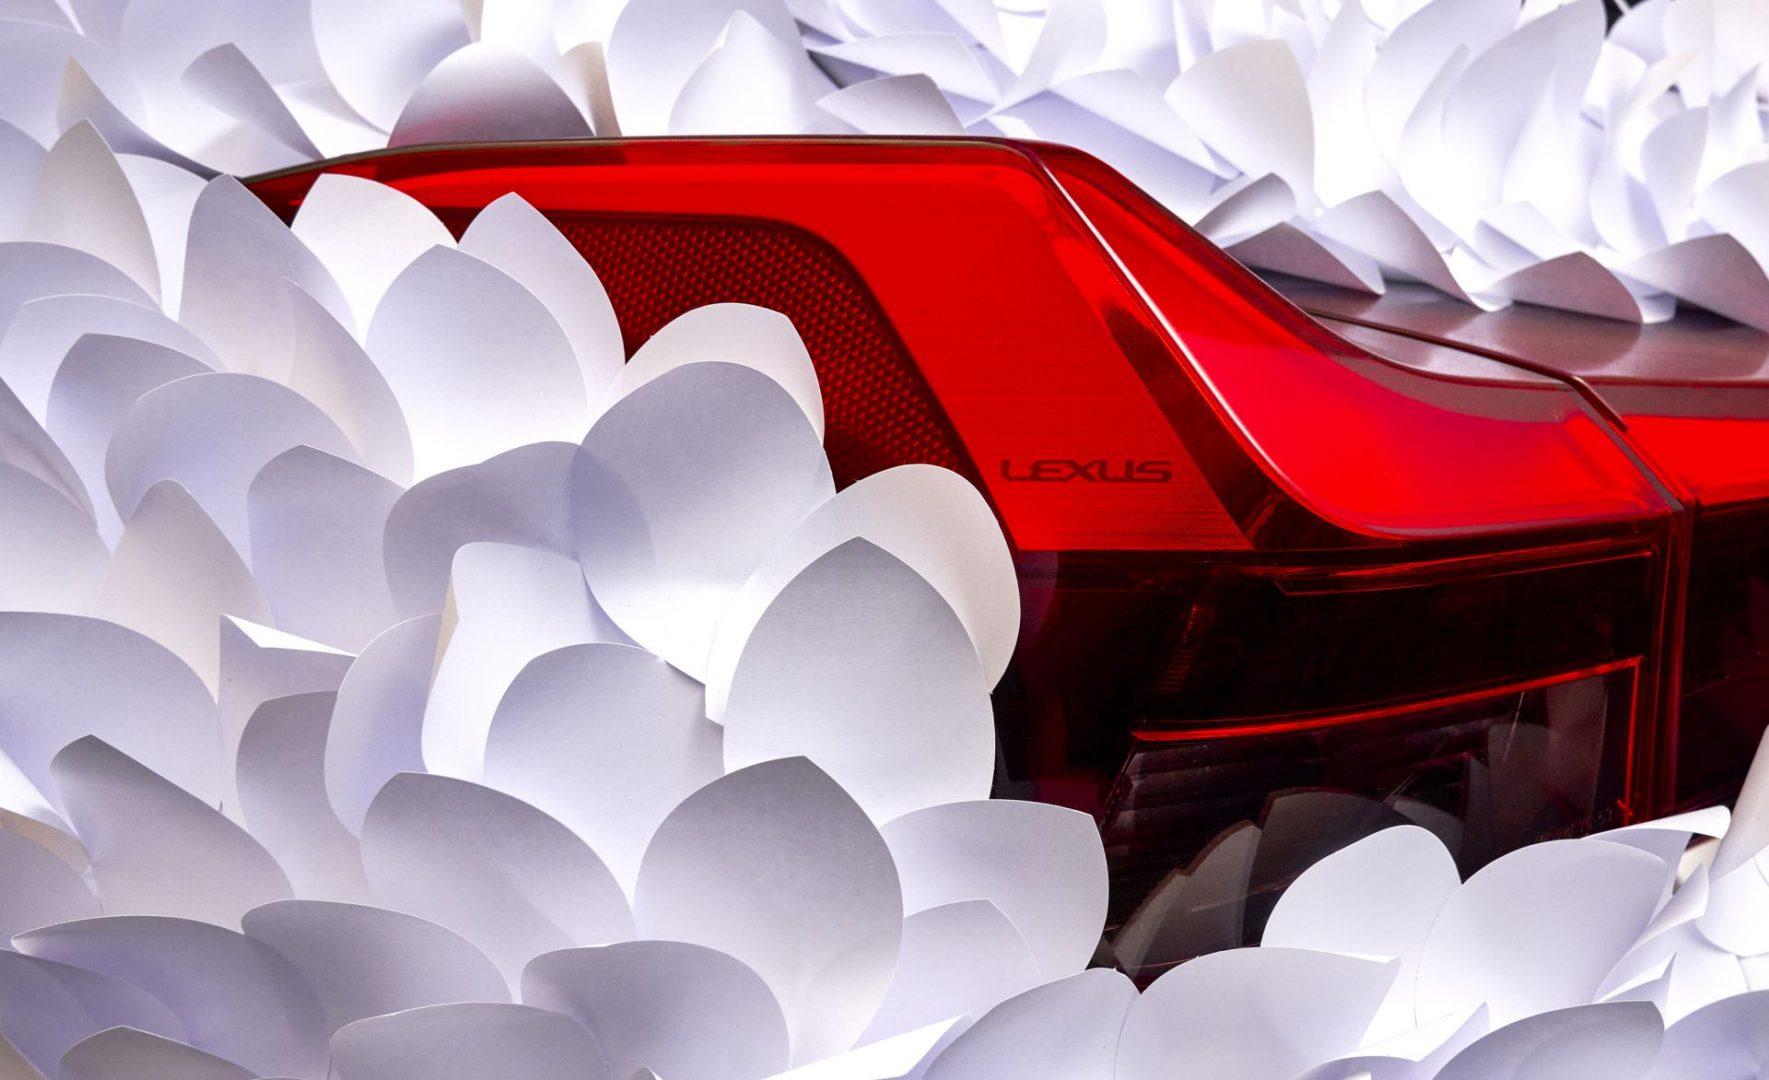 Lexus UX prekriven tisućama papirnatih latica kao interpretacija klasičnog japanskog vrta za meditaciju